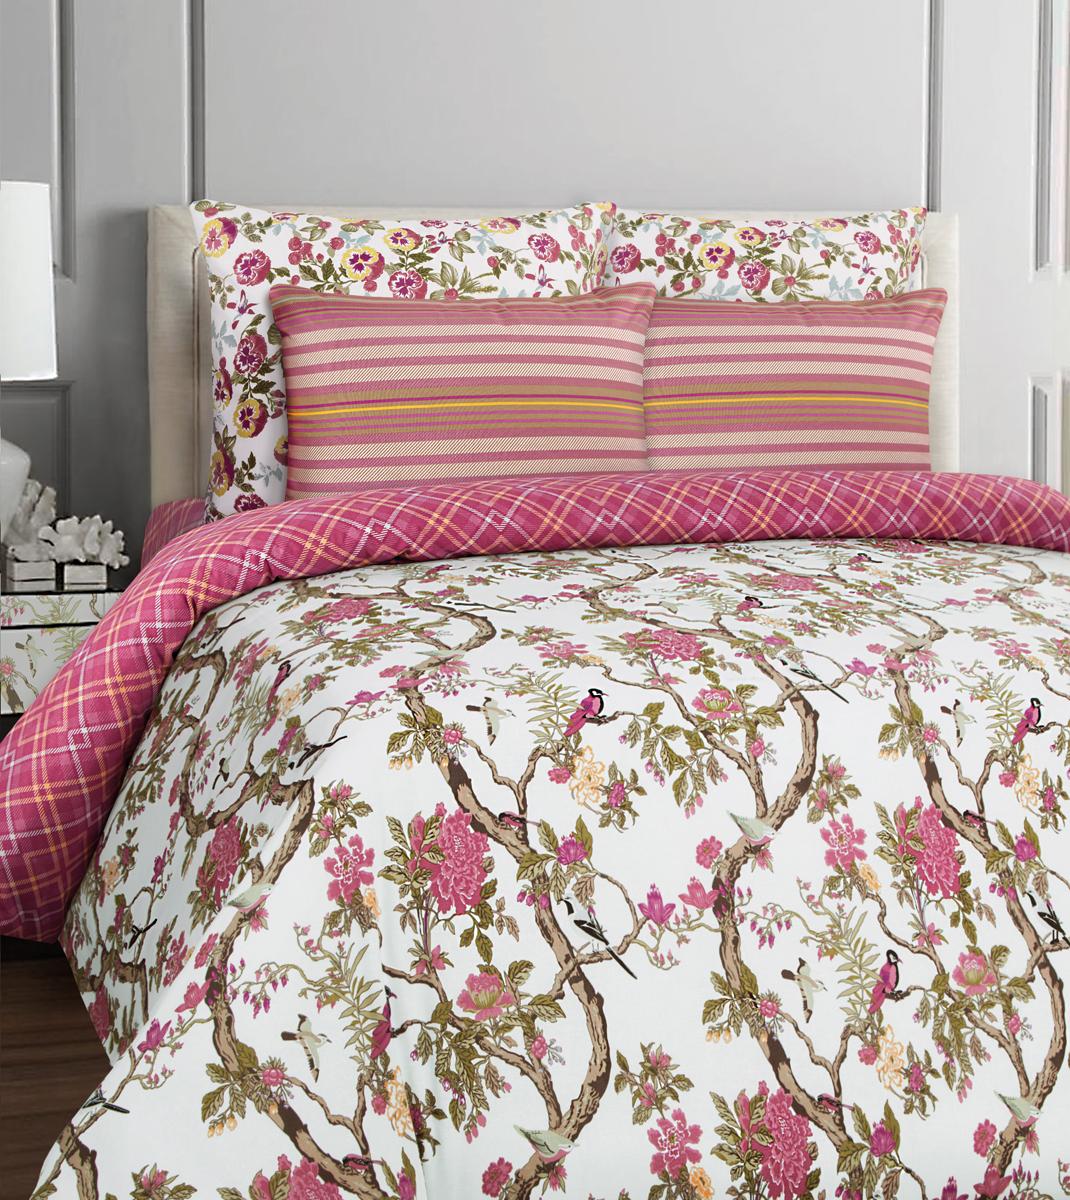 Комплект белья Mona Liza British Bristol, 1,5-спальный, наволочки 50x70. 551116-69 комплекты белья